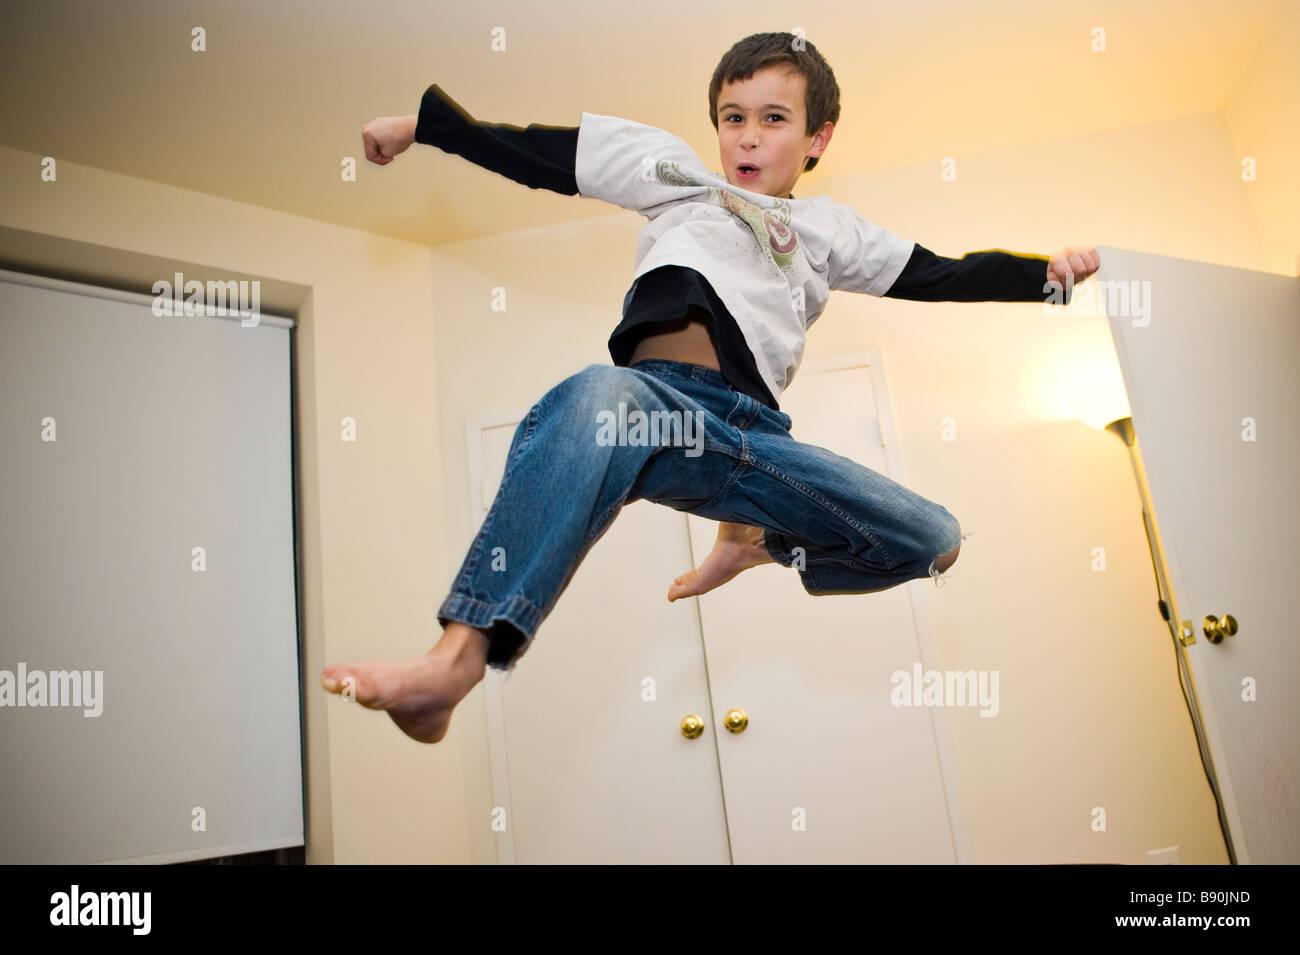 Ein kleiner Junge einen fliegenden smash Kick zu tun Stockbild